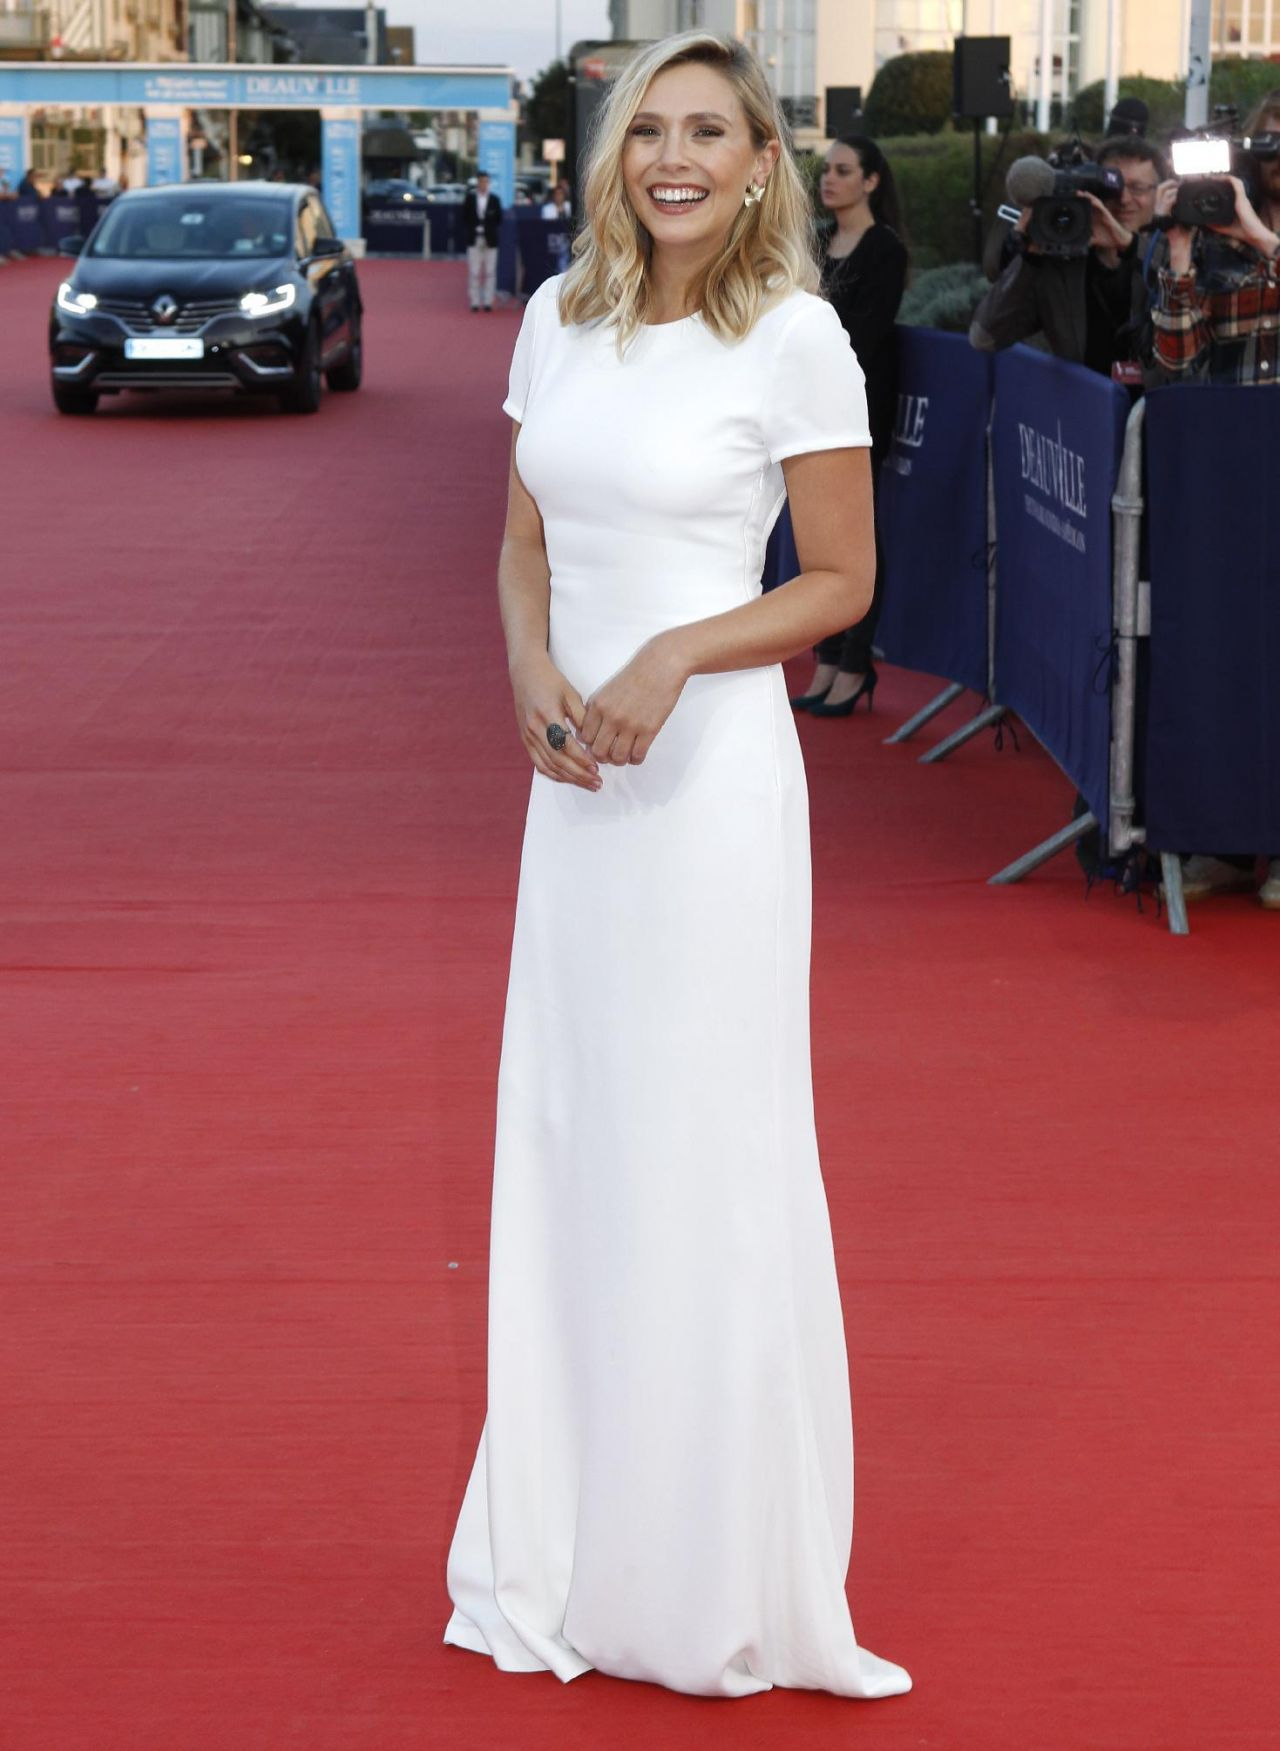 Elizabeth Olsen On Red Carpet 41st Deauville Film Festival